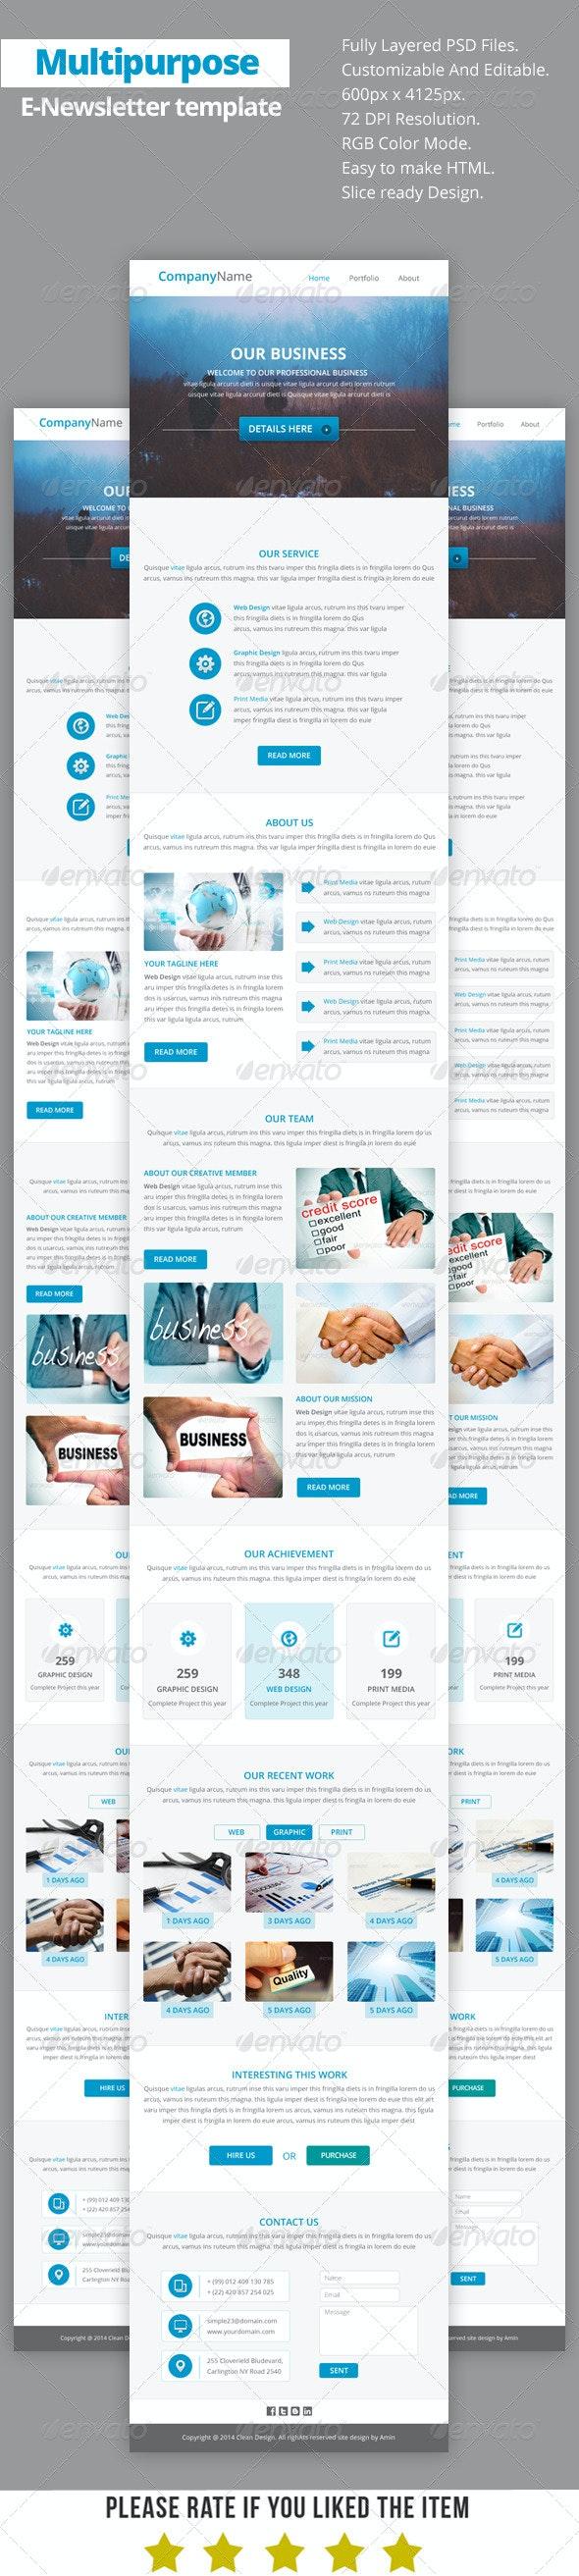 Multipurpose E-Newsletter Template V12